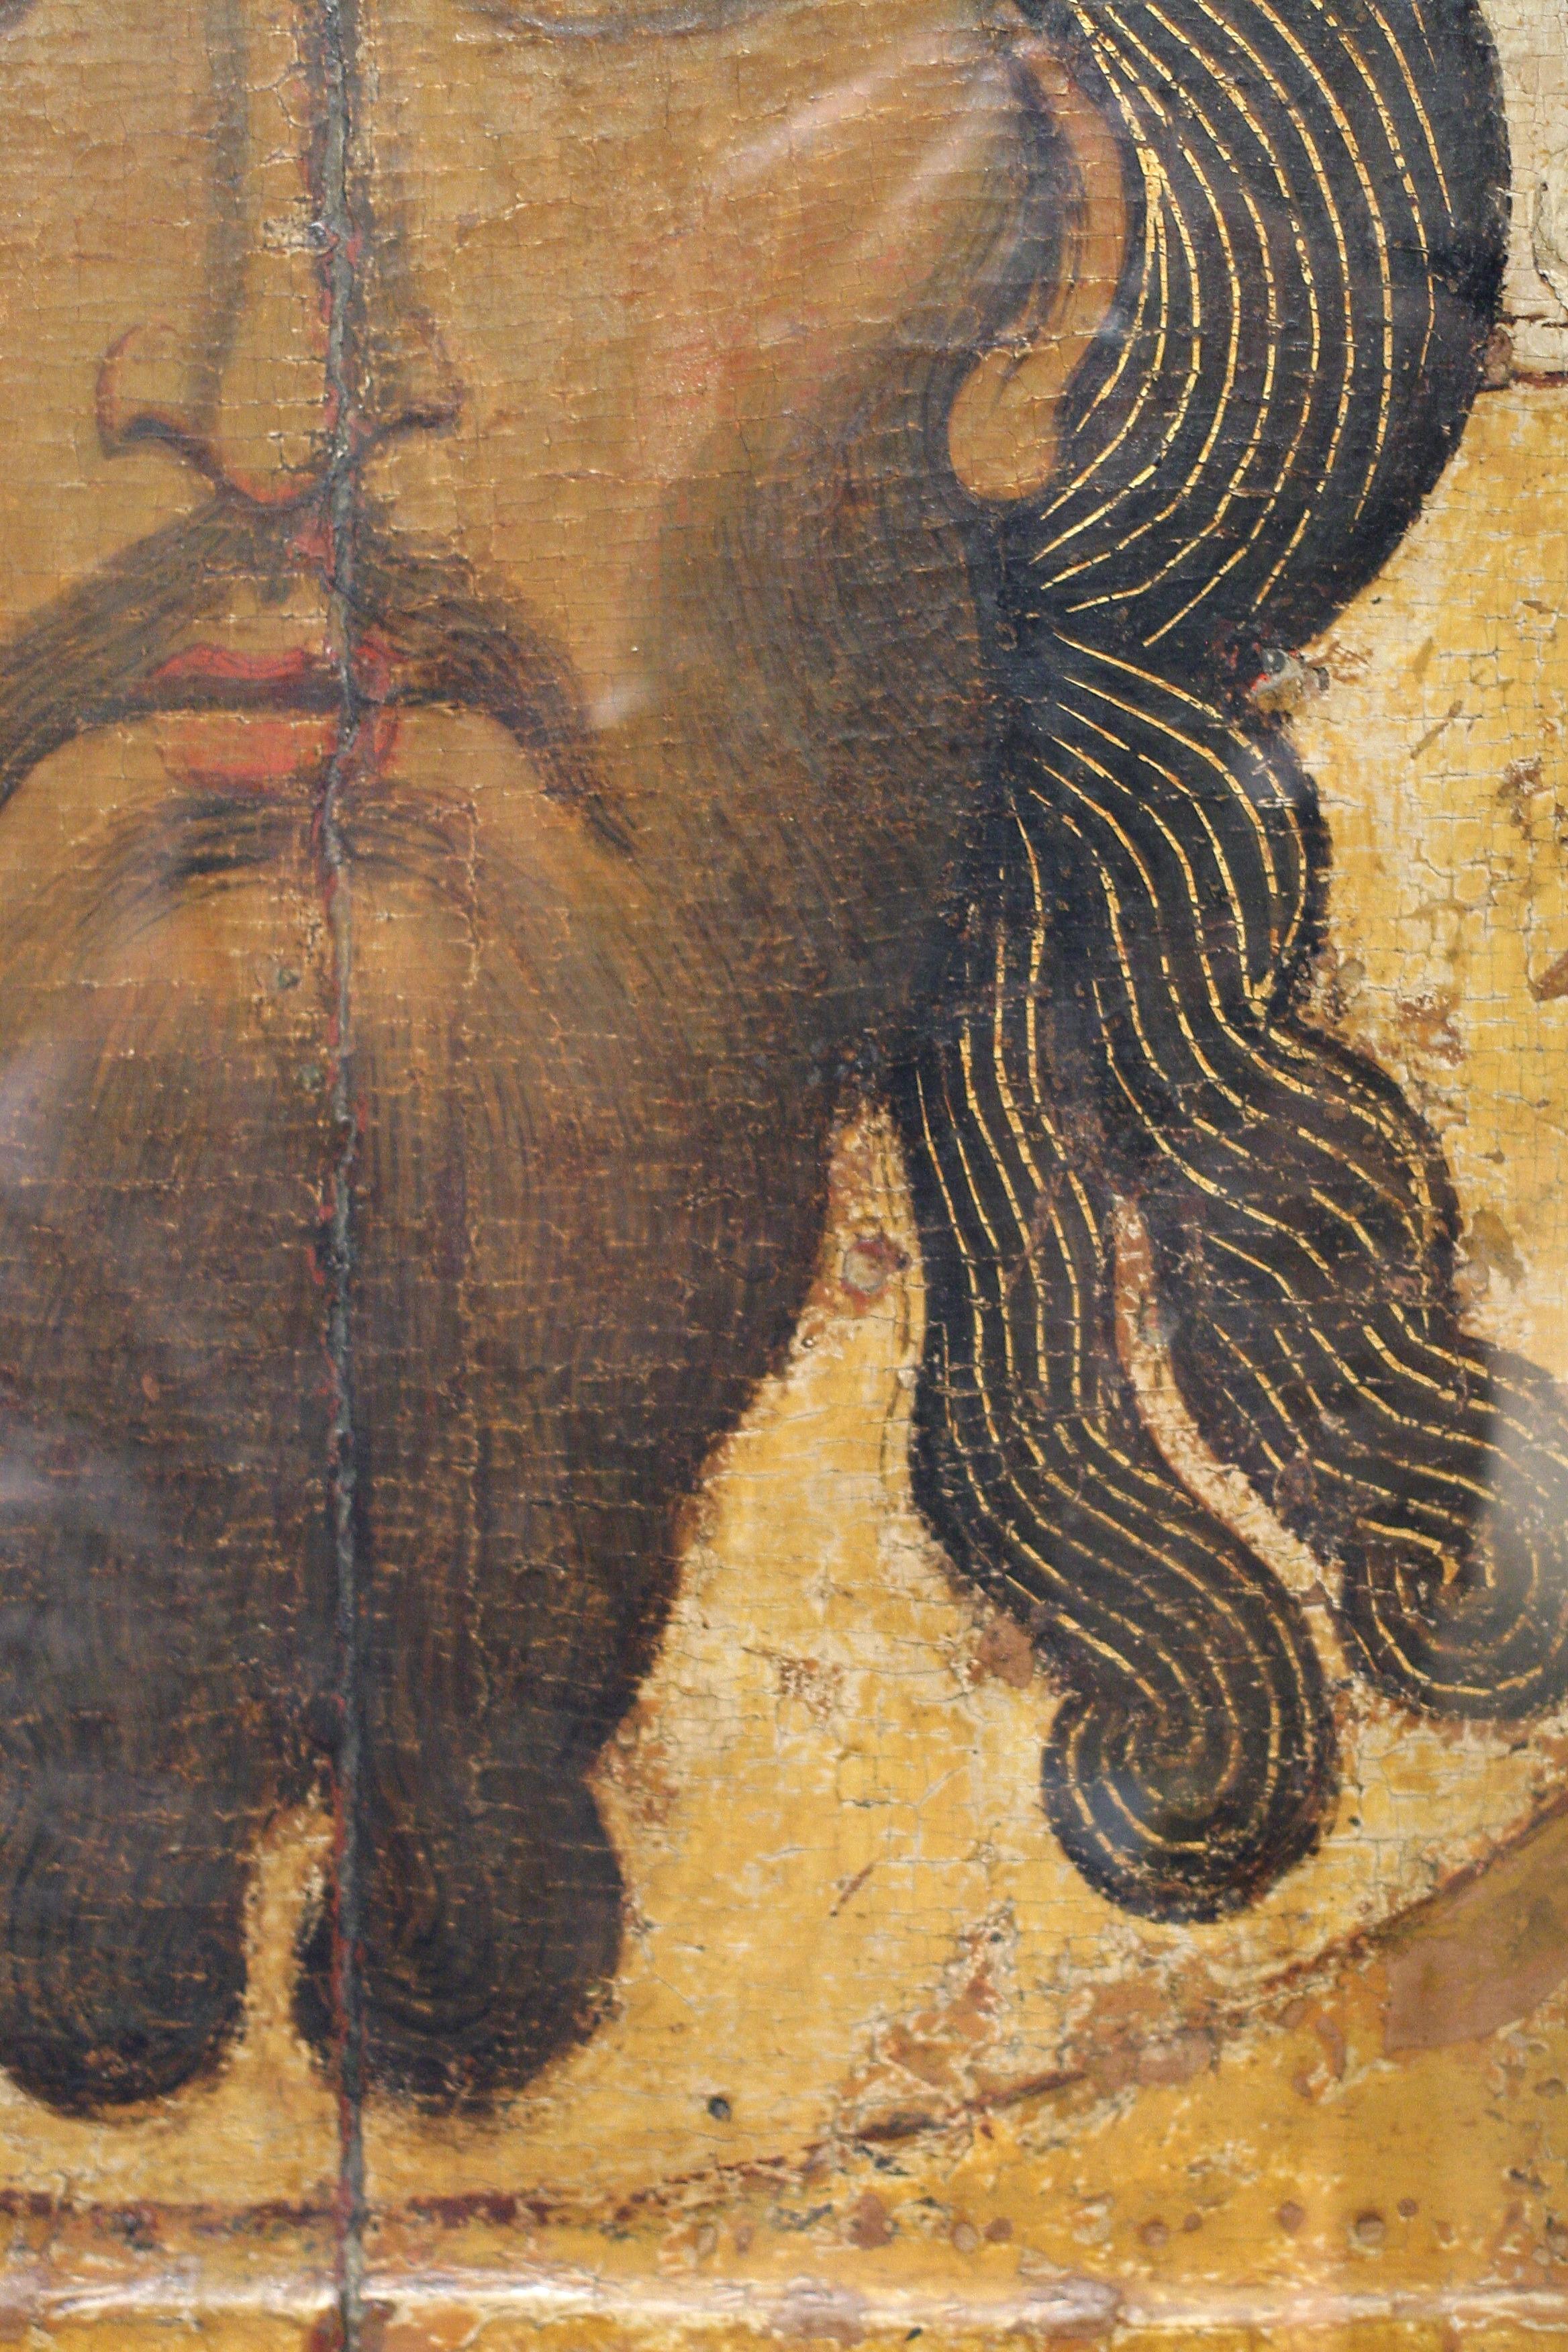 Спас Нерукотворный. Икона. Новгород, XII век. ГТГ. Фрагмент.